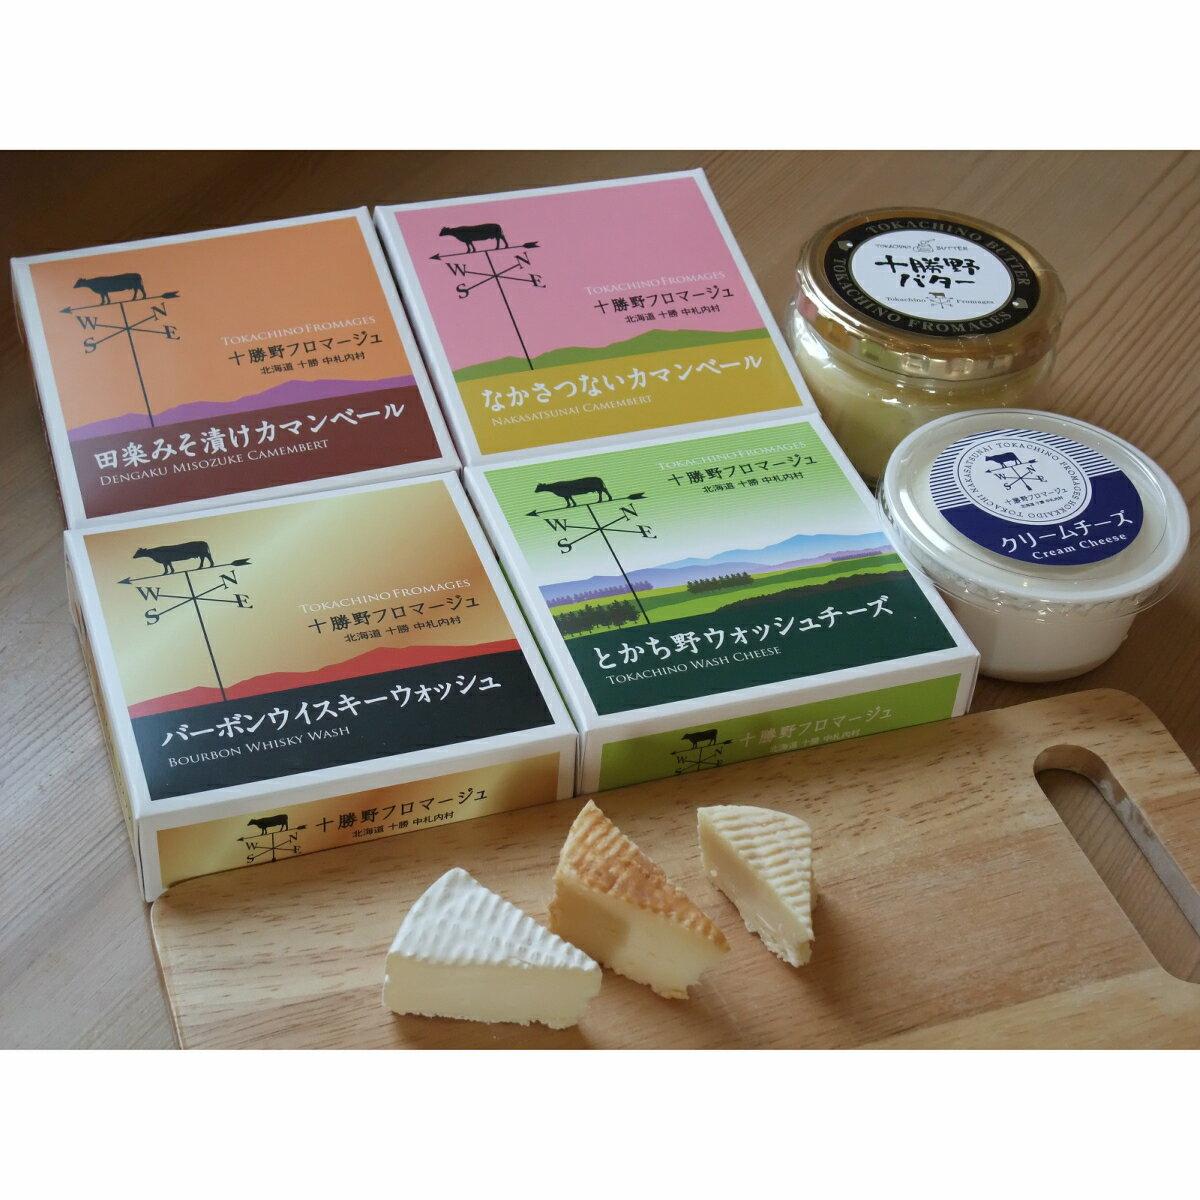 【ふるさと納税】十勝野フロマージュチーズセットB